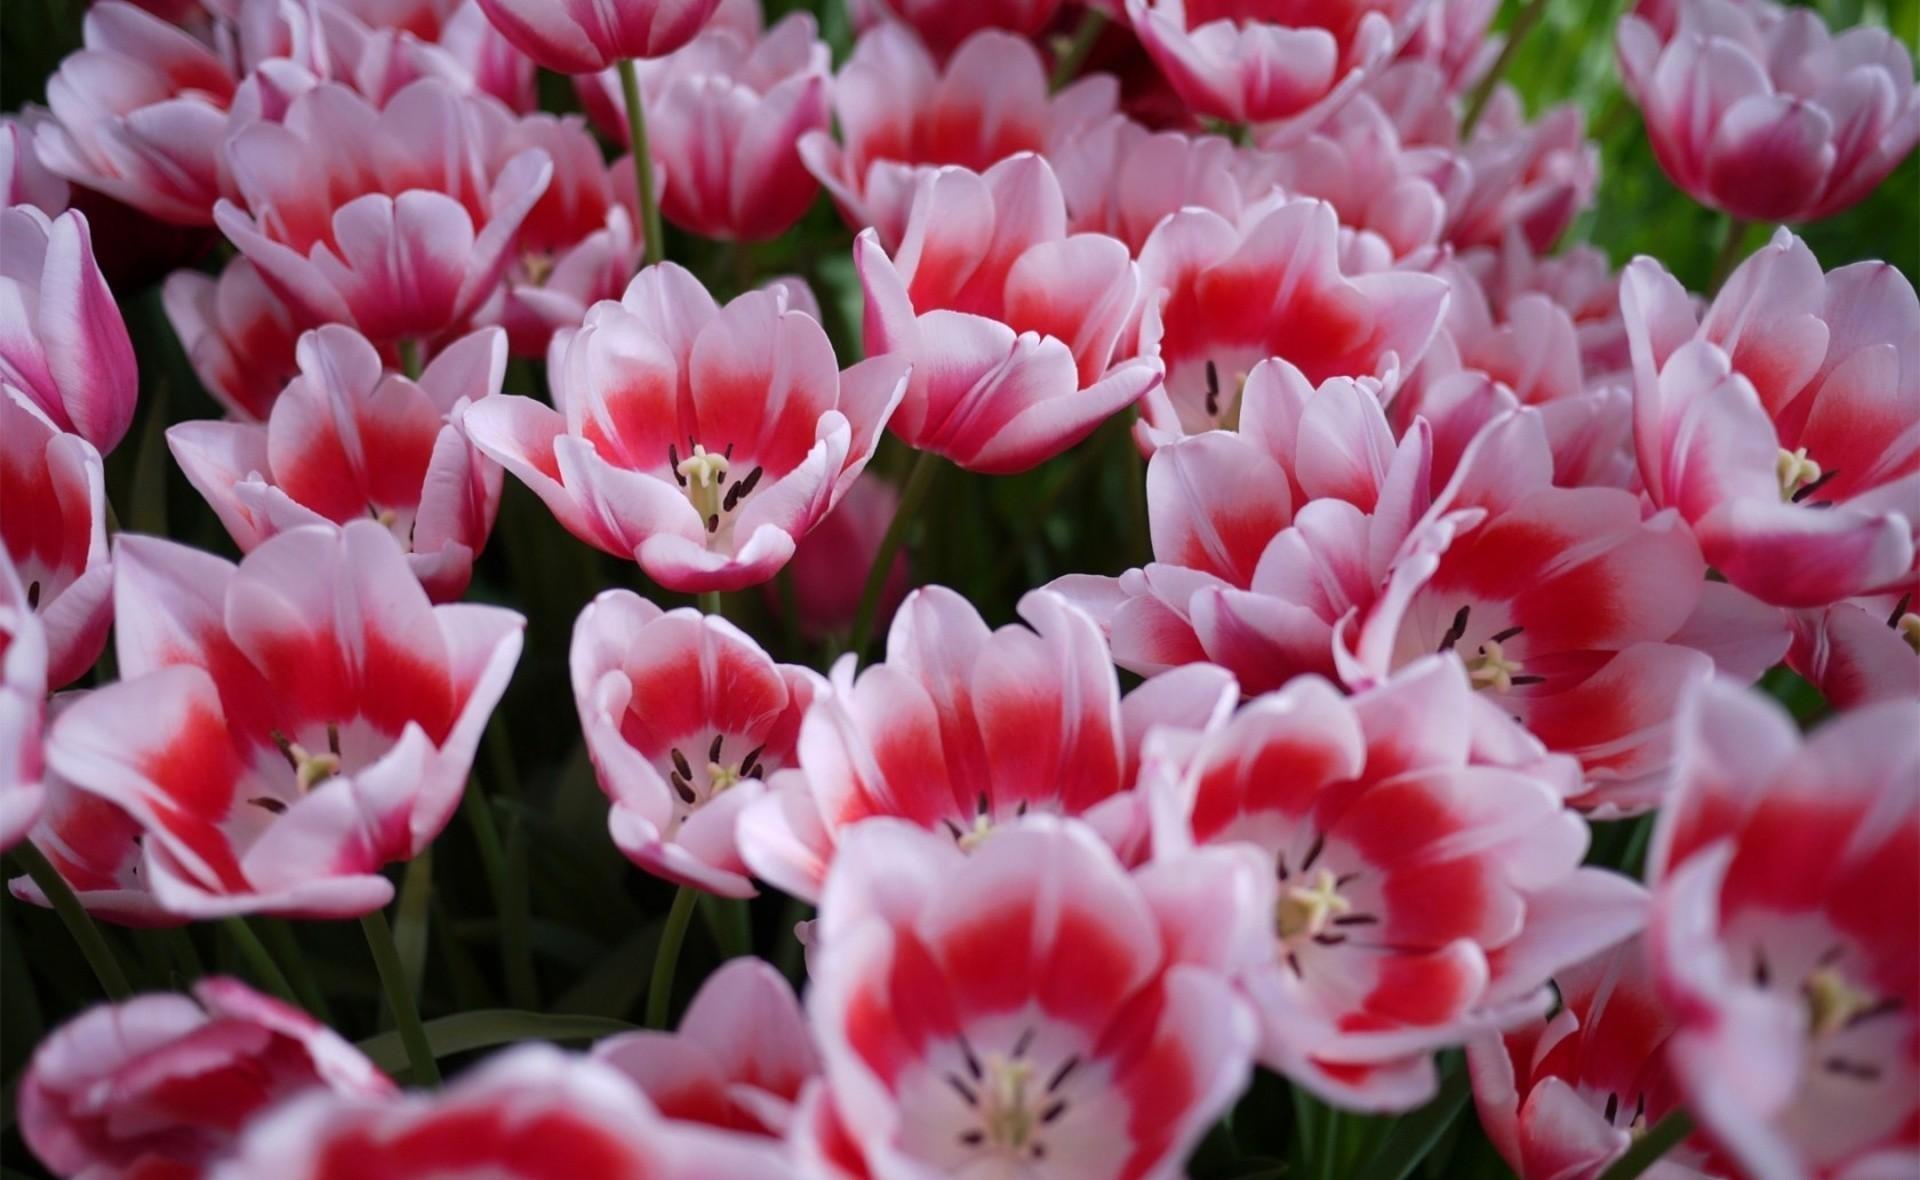 87064 скачать обои Цветы, Распущенные, Клумба, Весна, Тюльпаны - заставки и картинки бесплатно